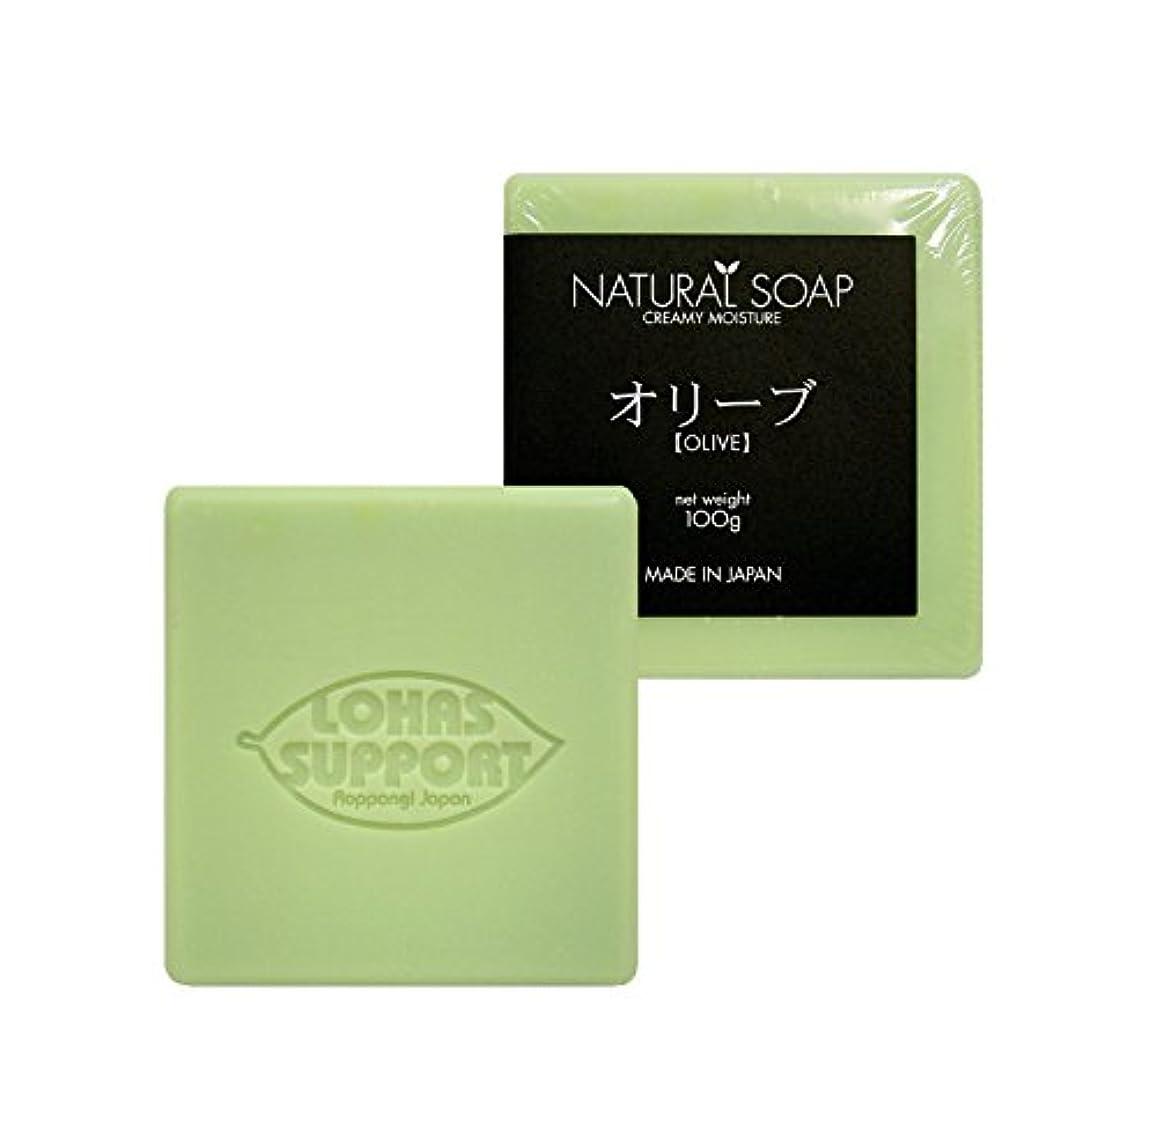 ペチュランス不利ブローNATURAL SOAP